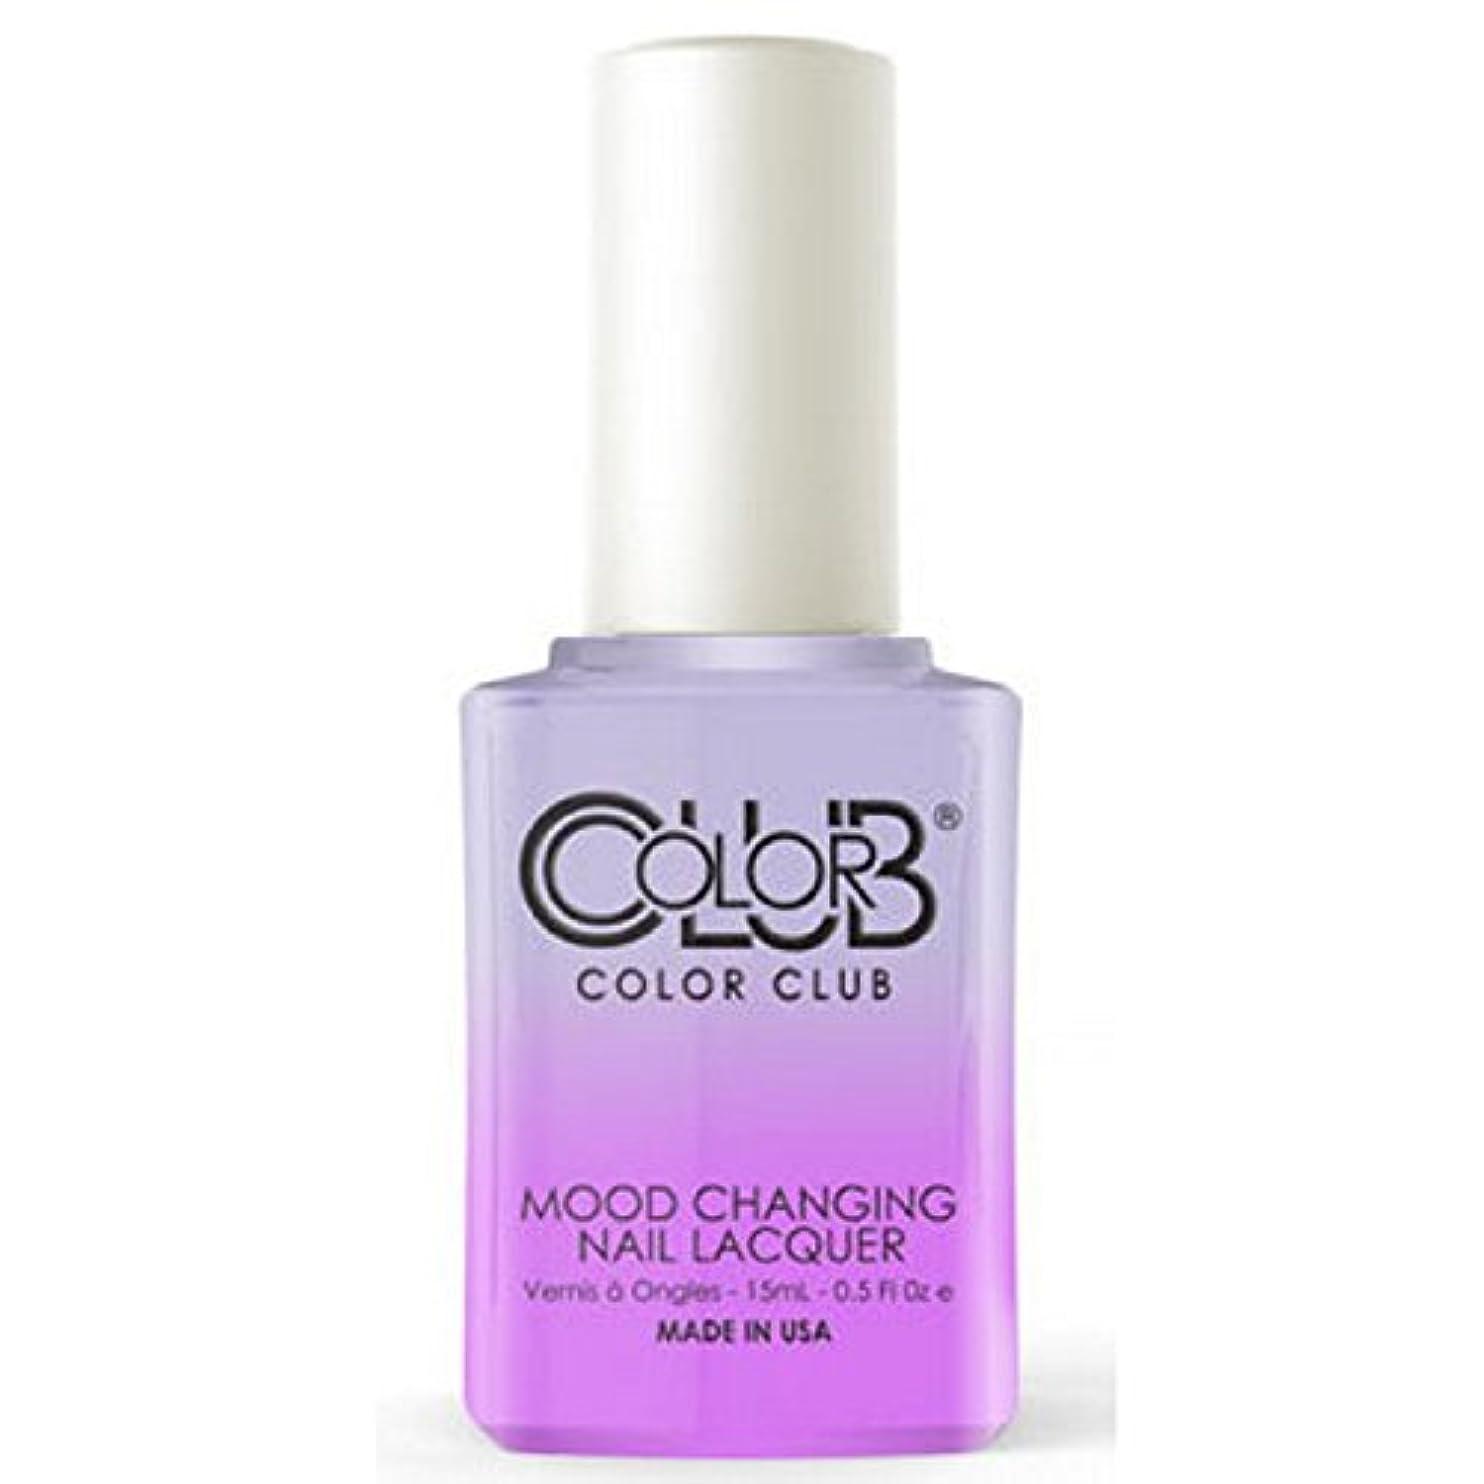 汚染されたモータースズメバチColor Club Mood Changing Nail Lacquer - Easy Breezy- 15 mL / 0.5 fl oz